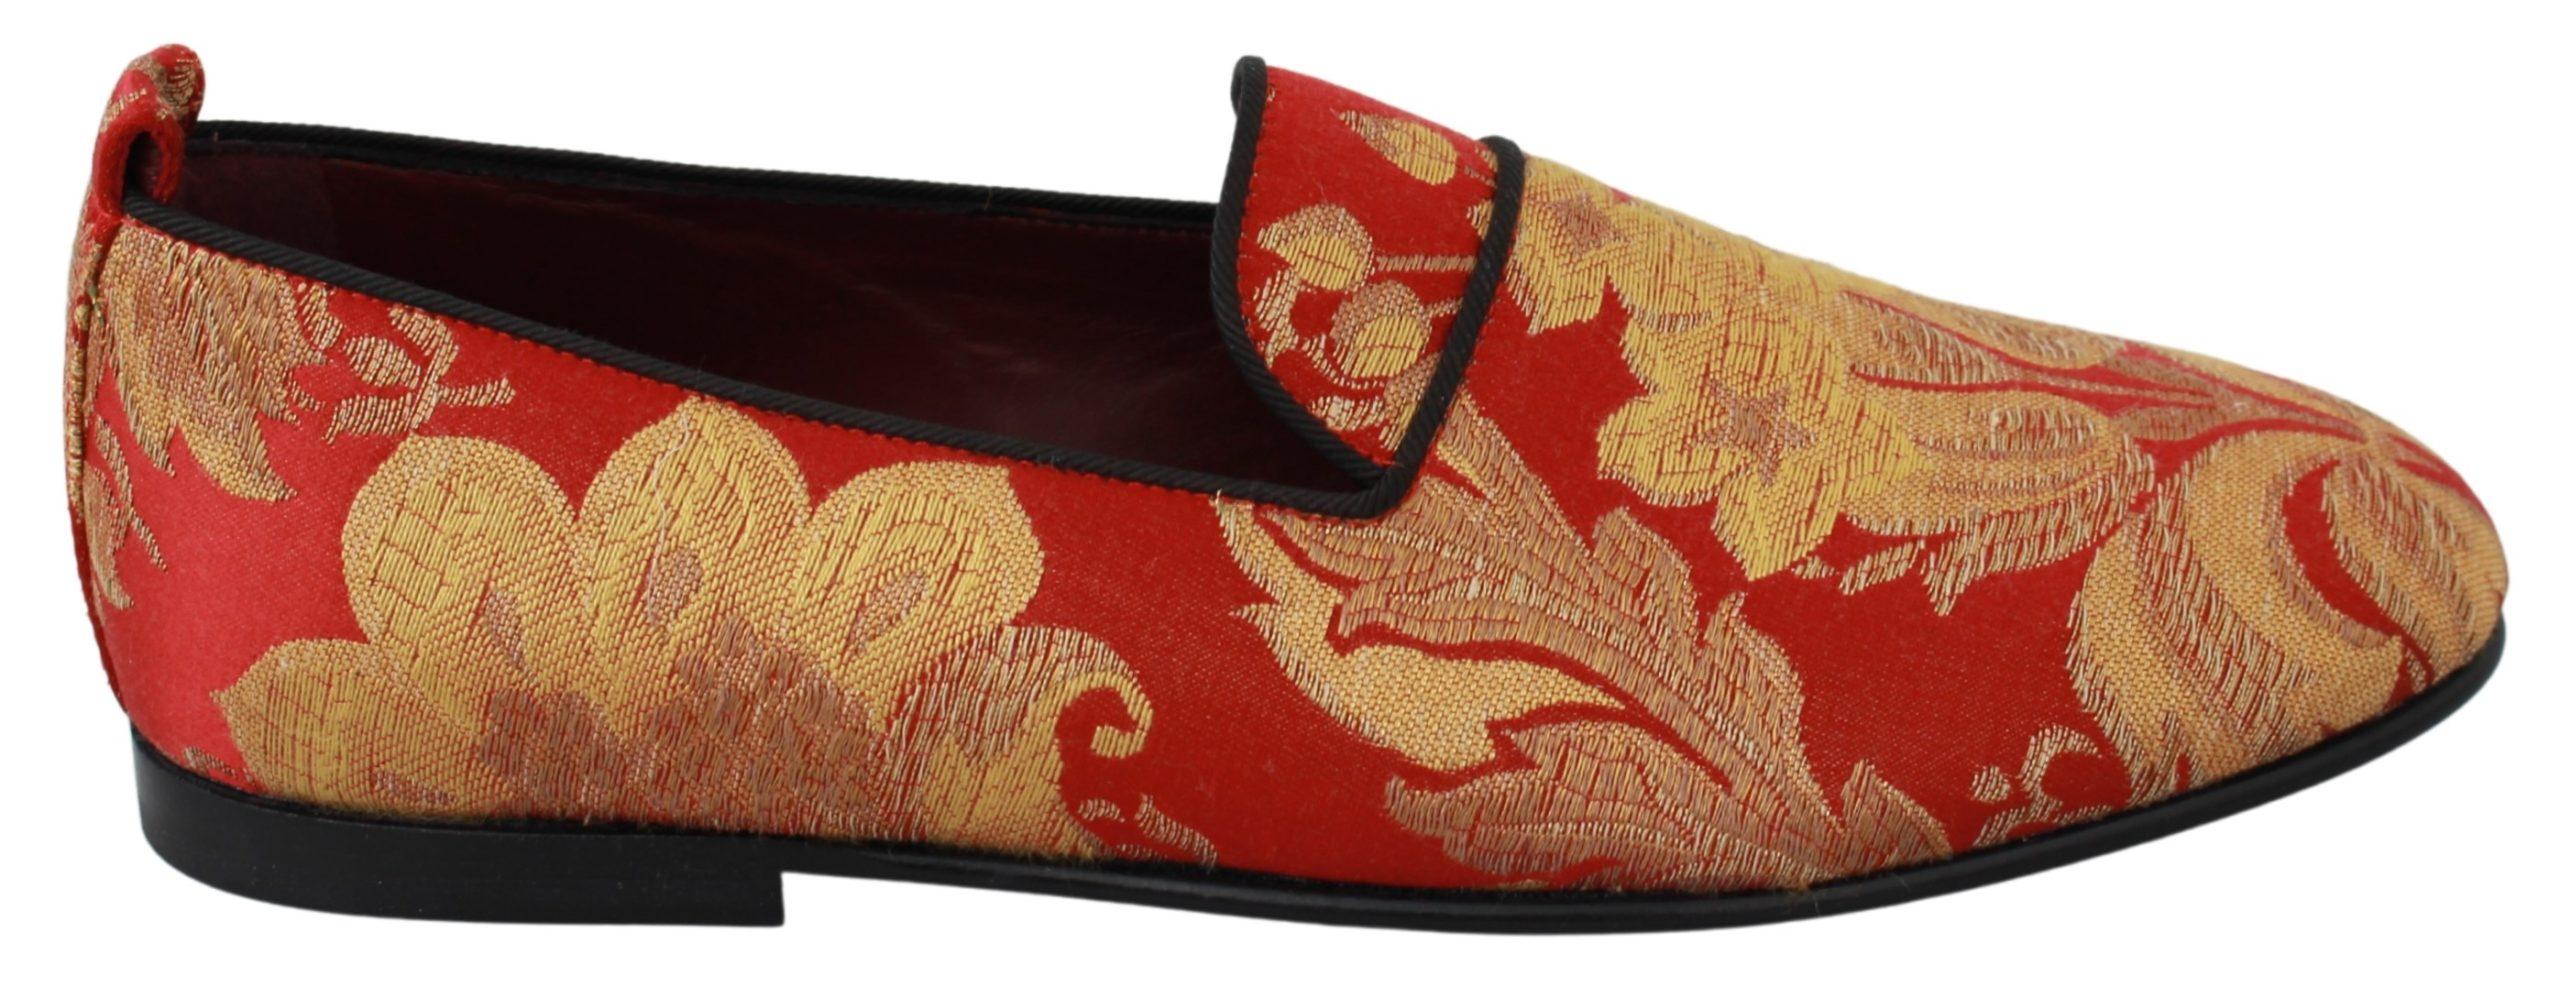 Dolce & Gabbana Men's Brocade Loafer Rose Gold MV2702 - EU39/US6